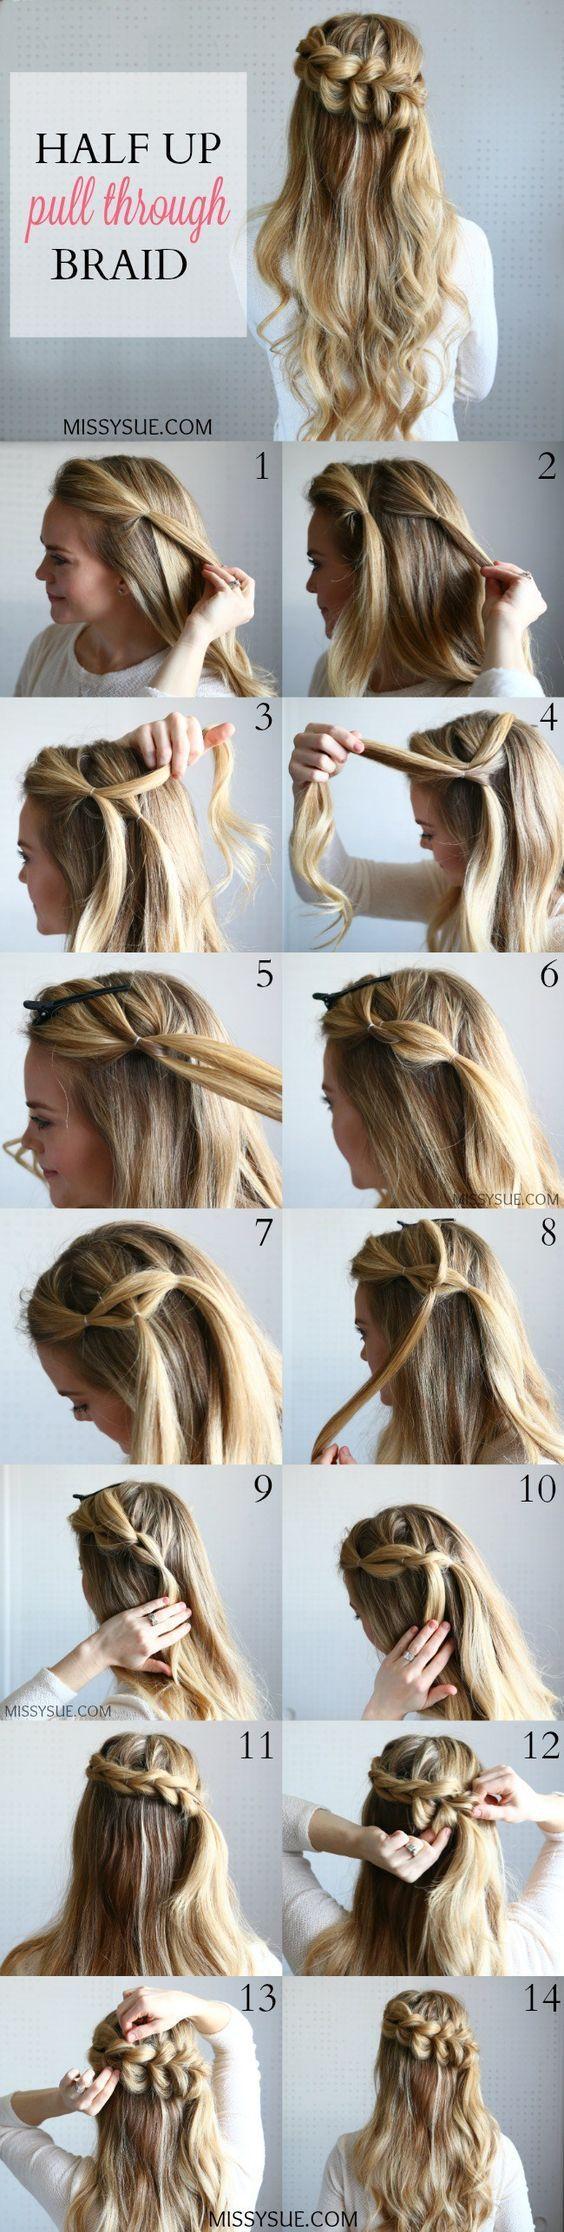 Pull through braids make such cute hairstyles for long hair braid